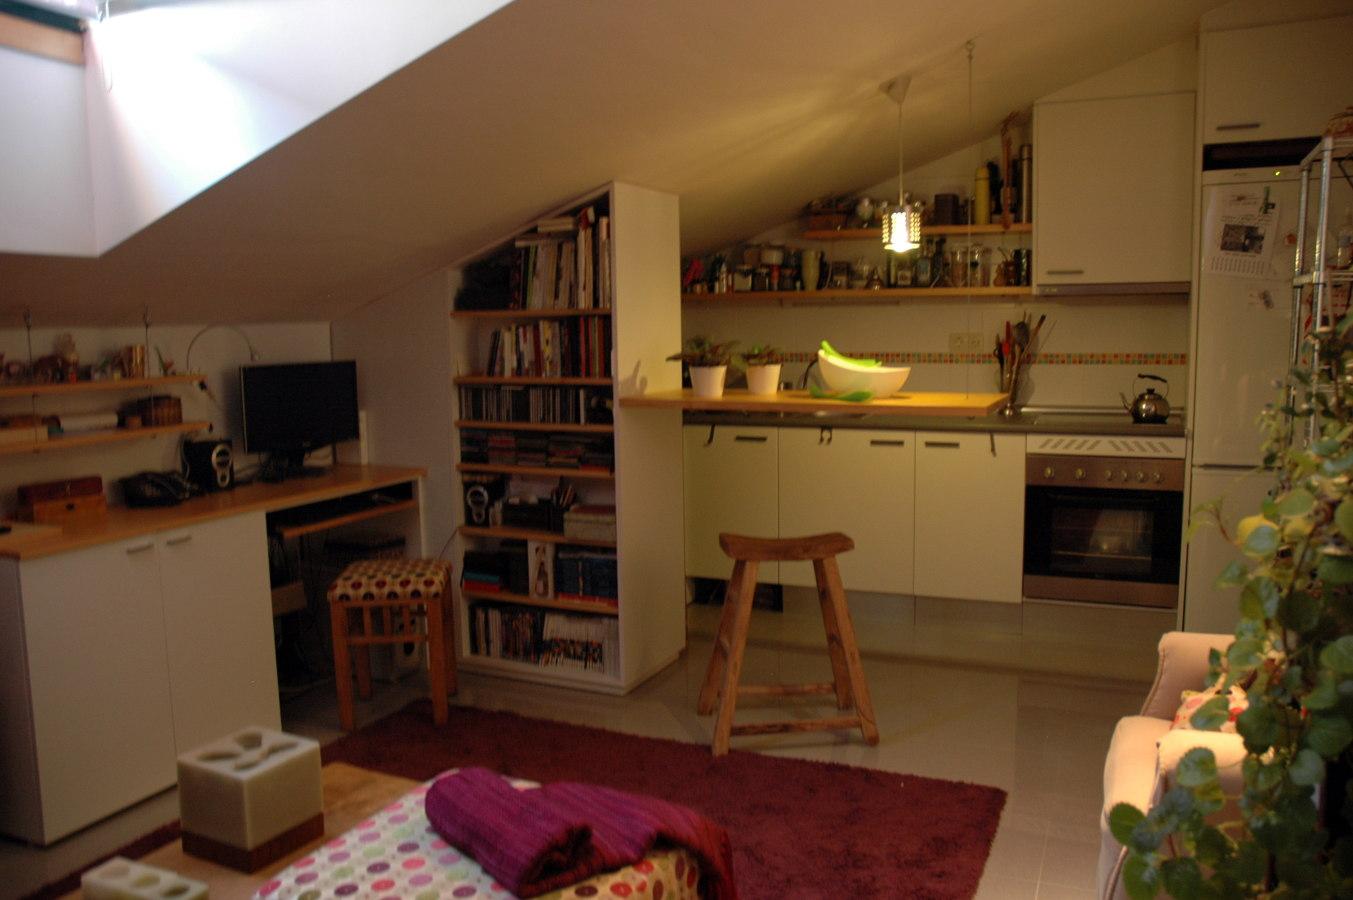 Vista de la cocina abuhardillada.